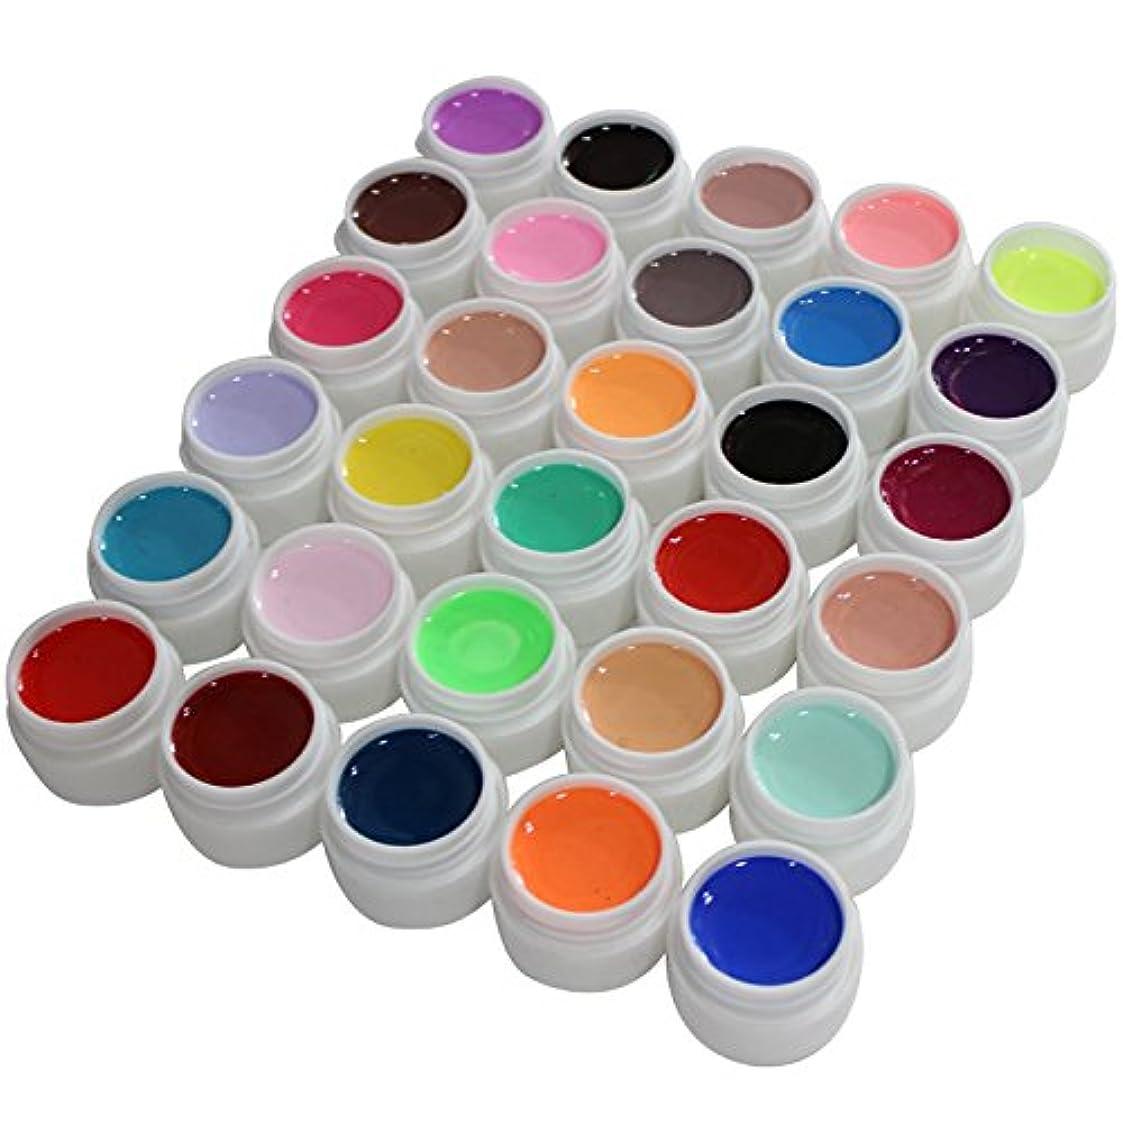 薬エレクトロニック不当UV/LED対応カラージェルソークオフジェル30色カラーセット